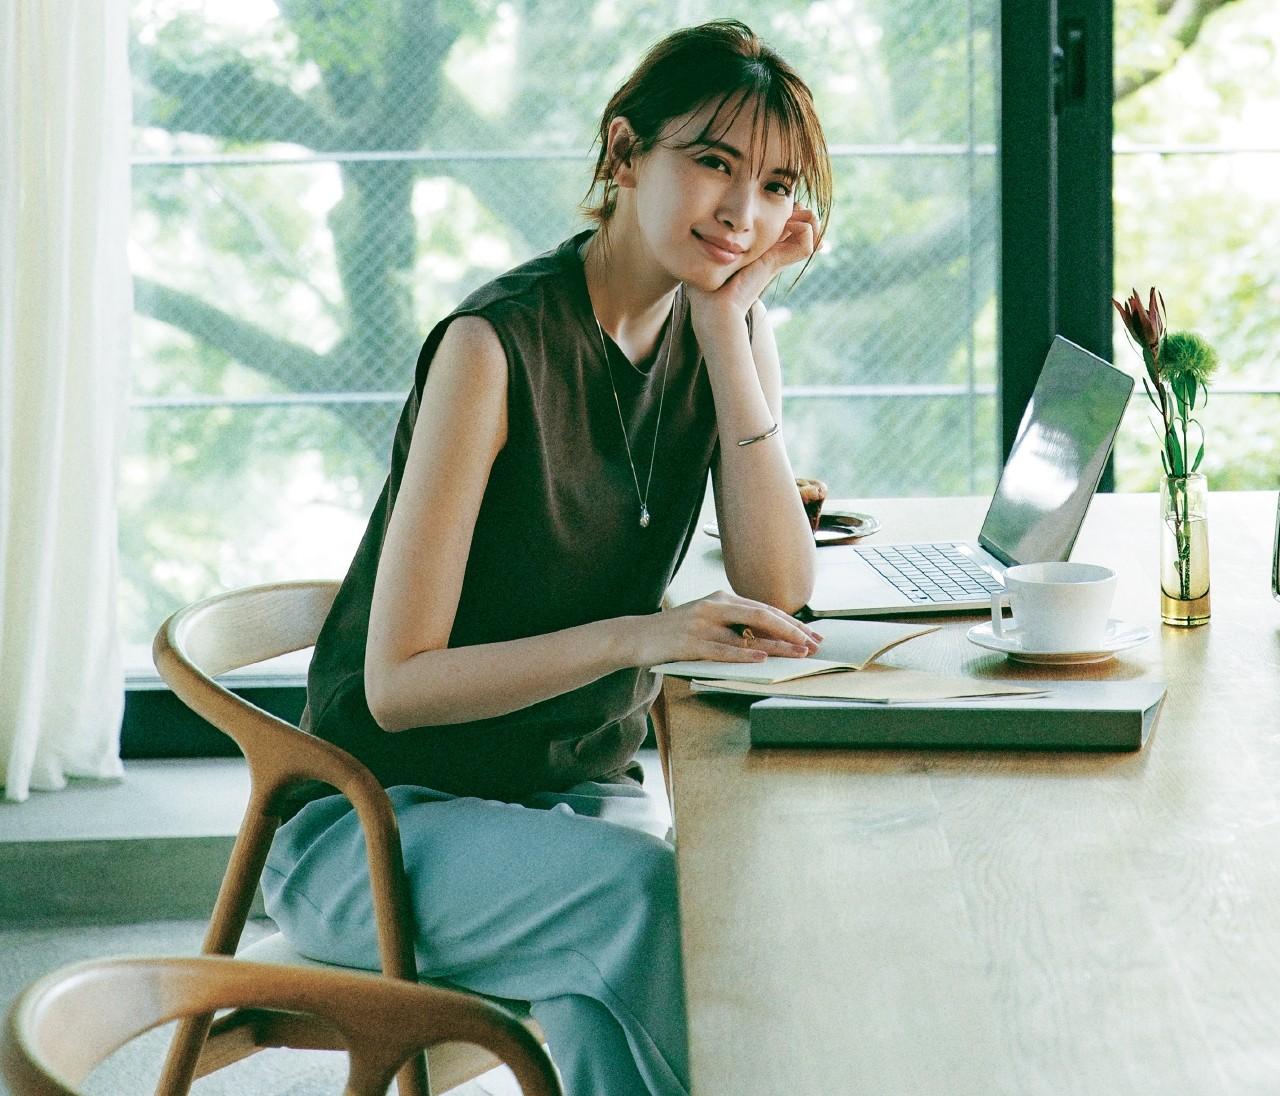 【30代女性の働くおウチ服】在宅ワーク用きれいめカットソー&ウエストゴムパンツ、おしゃれで使えるのはこちら!